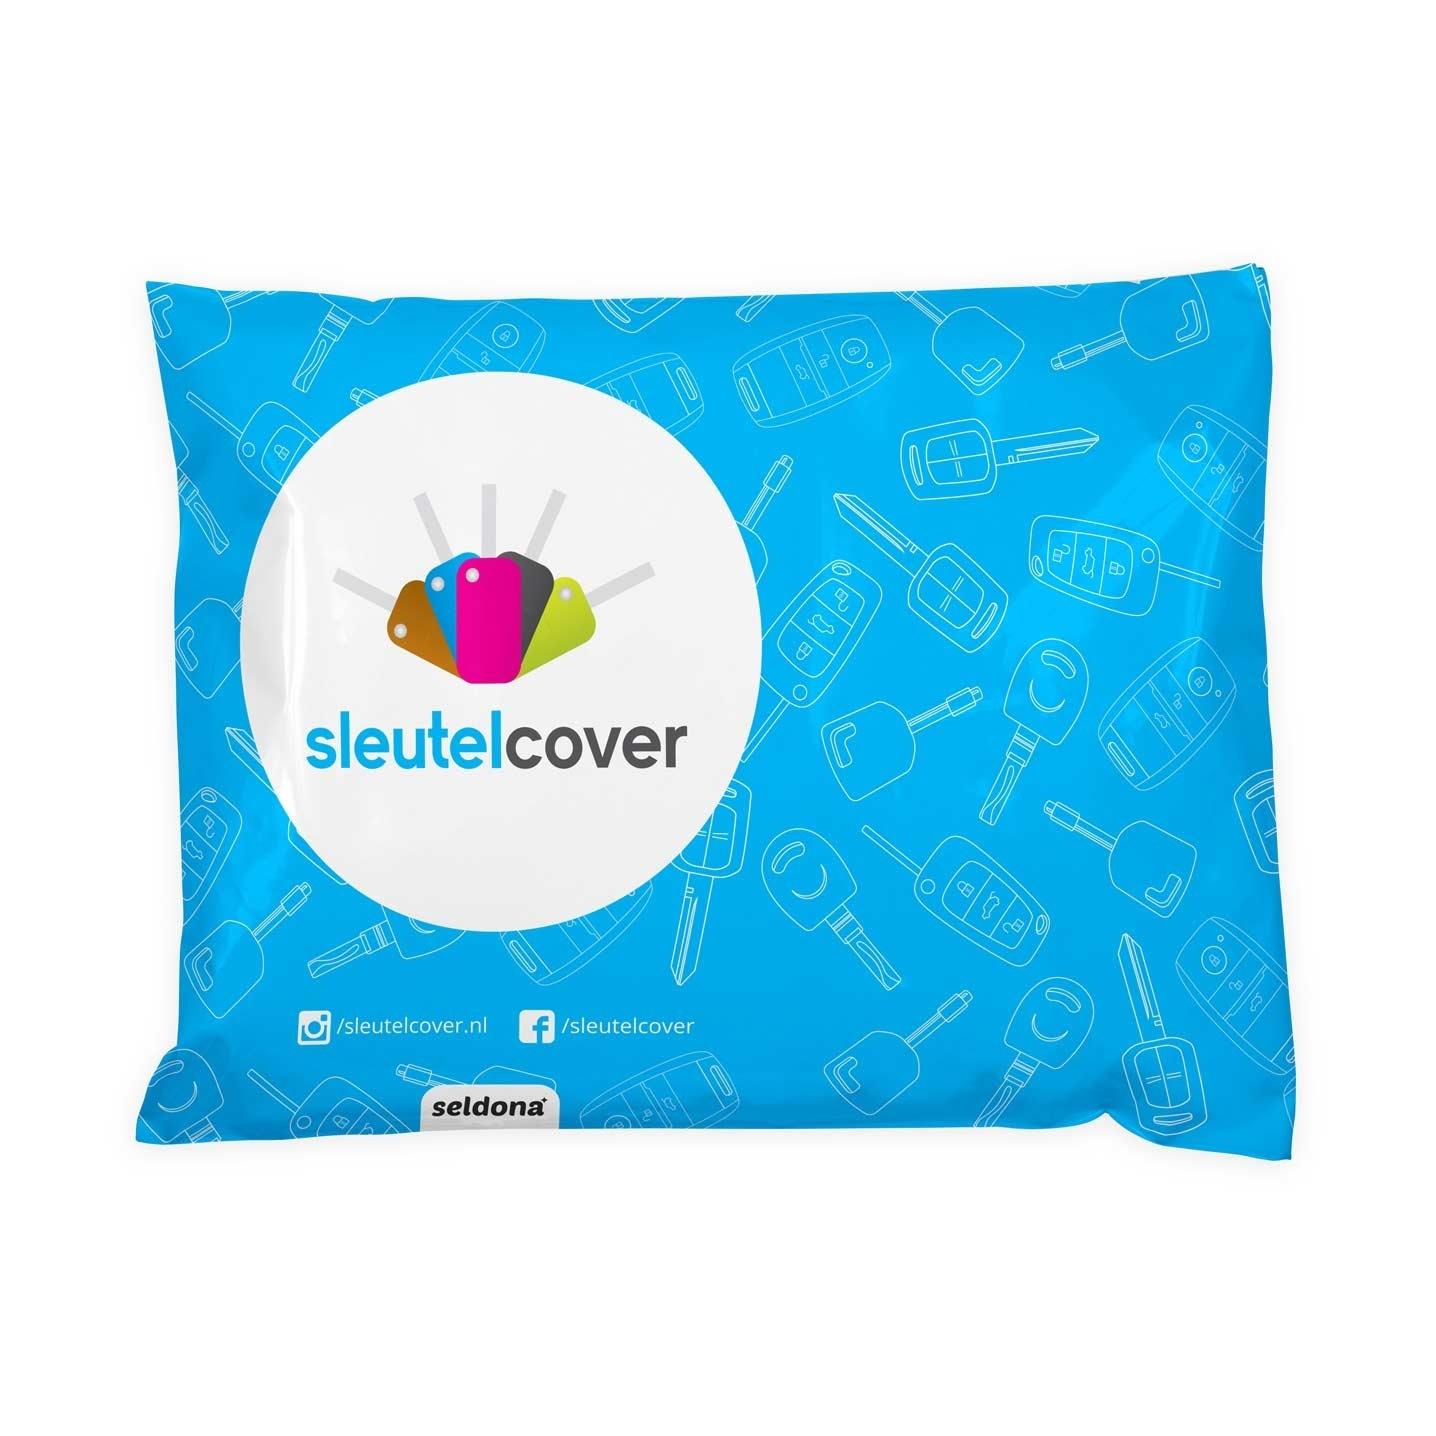 Skoda SleutelCover - Goud / TPU sleutelhoesje / beschermhoesje autosleutel